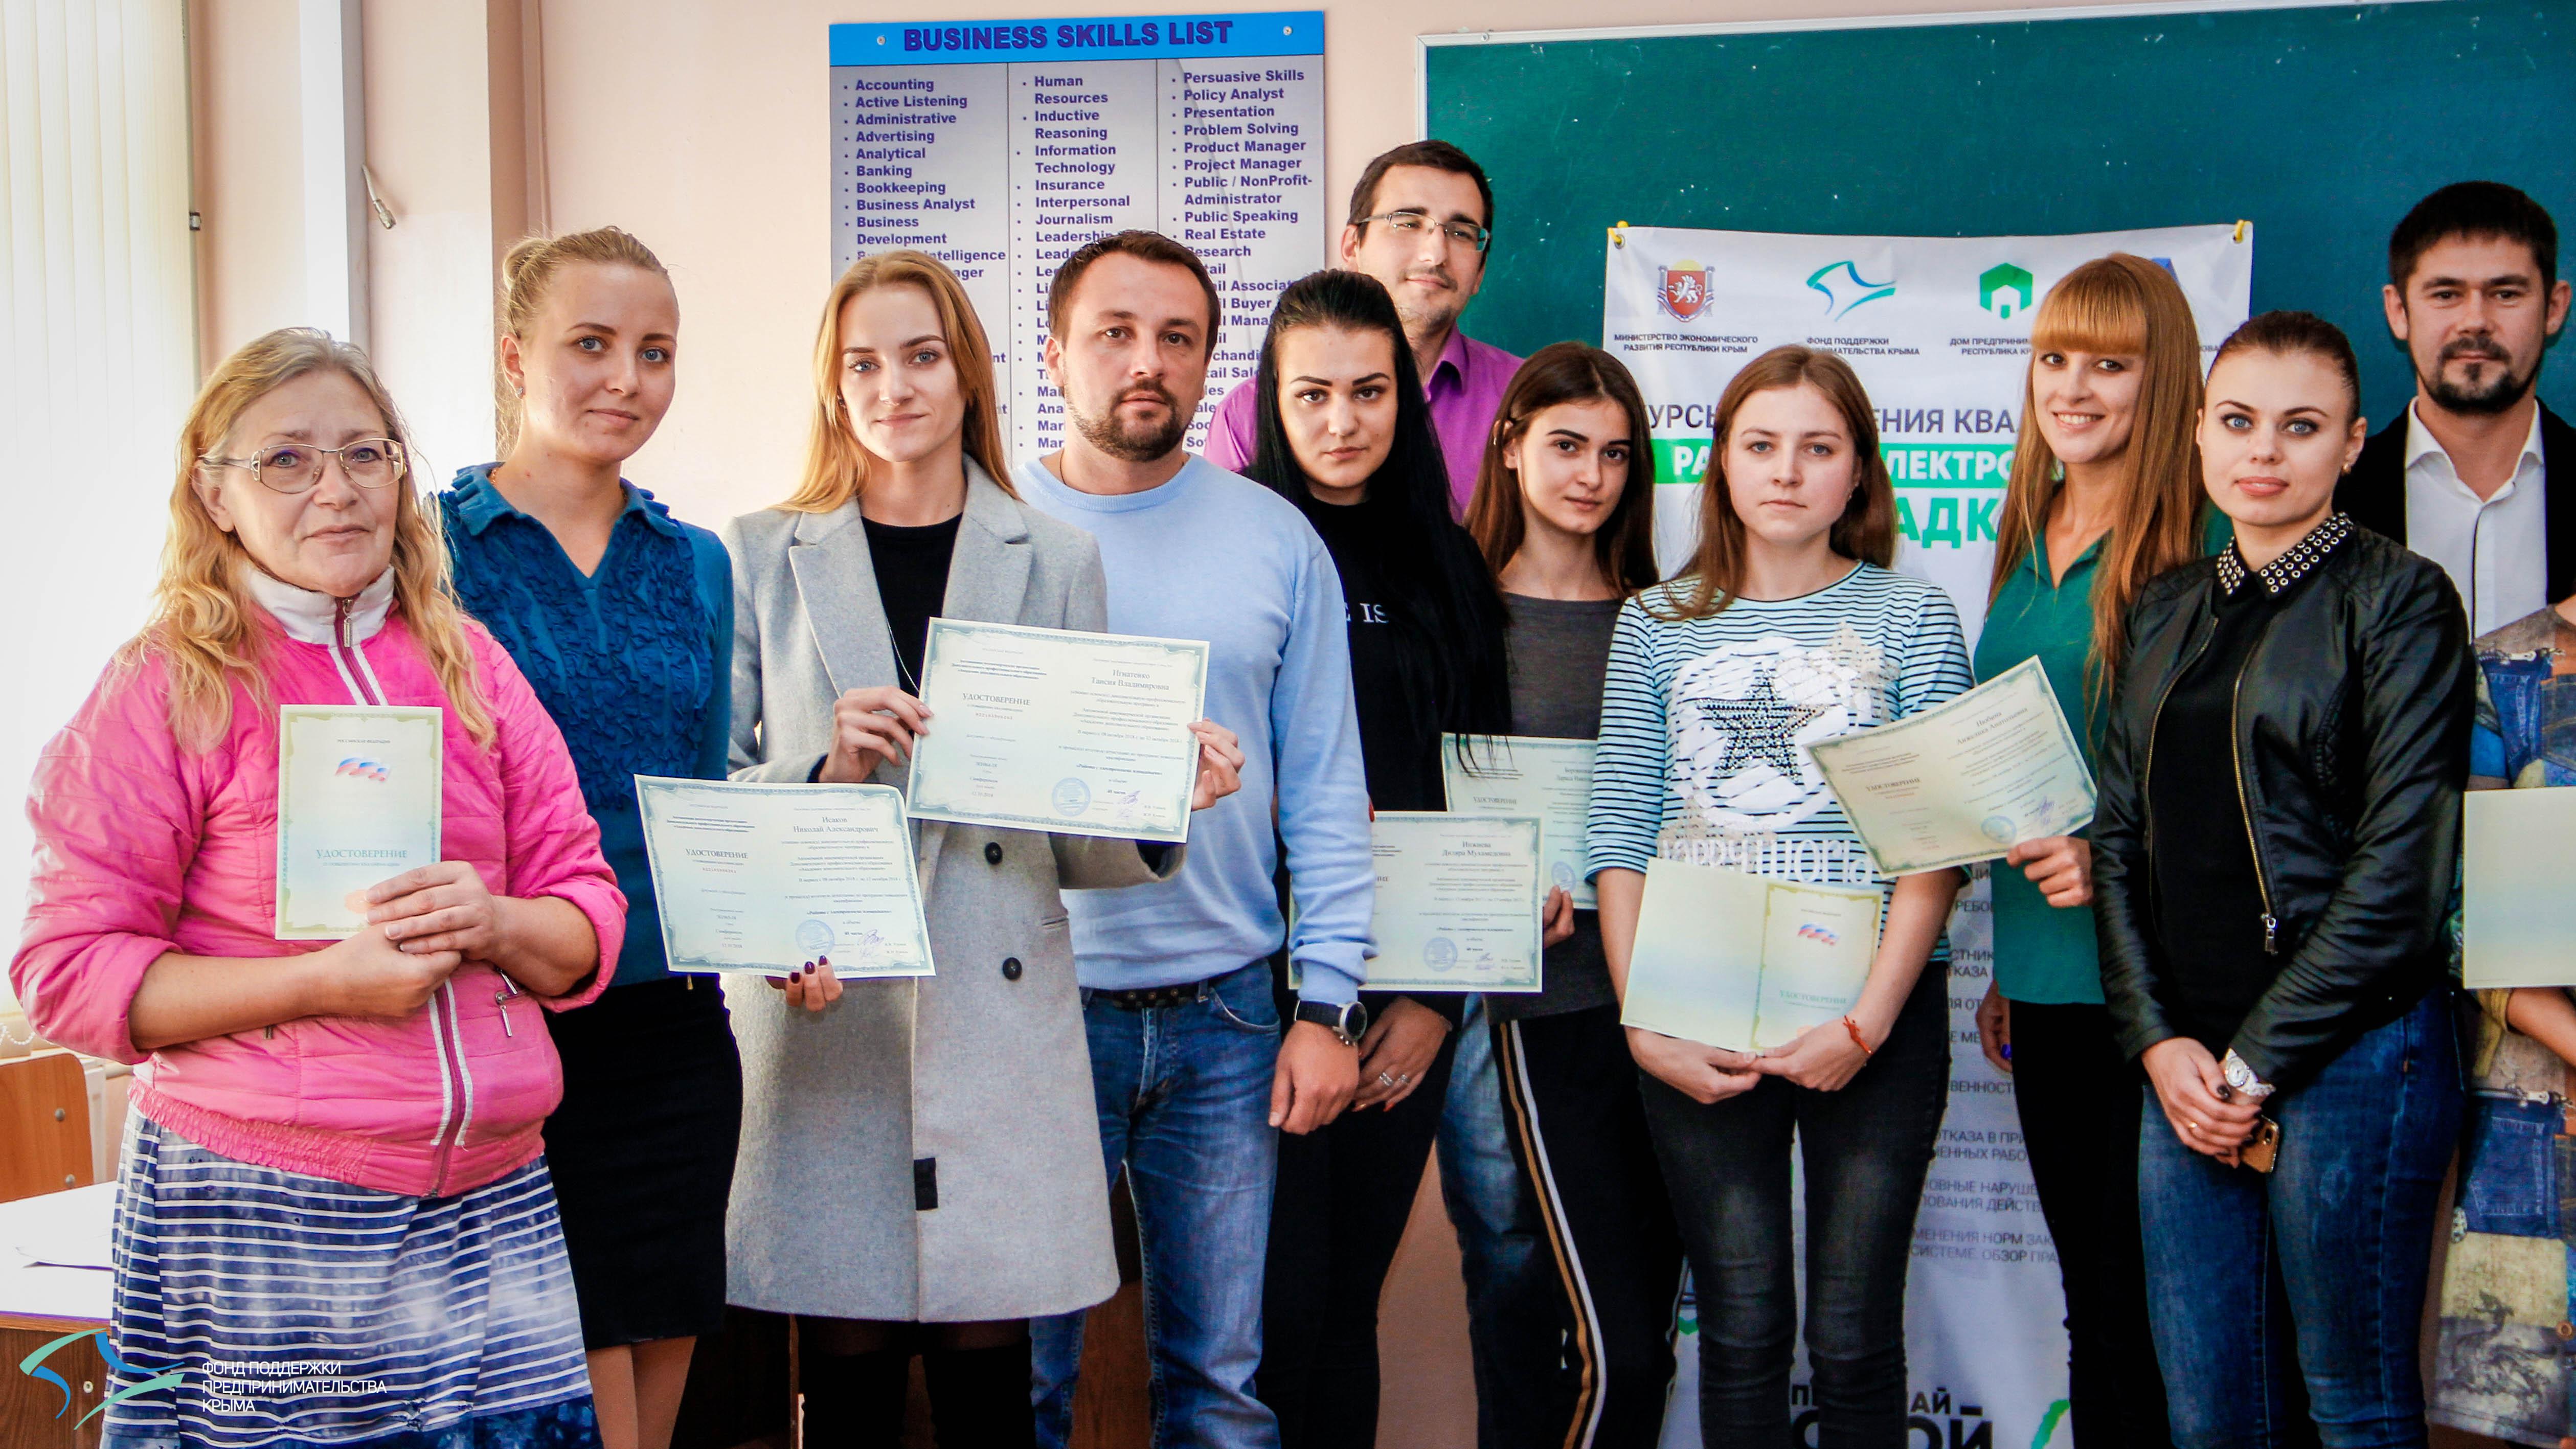 Курсы повышения квалификации в Симферополе